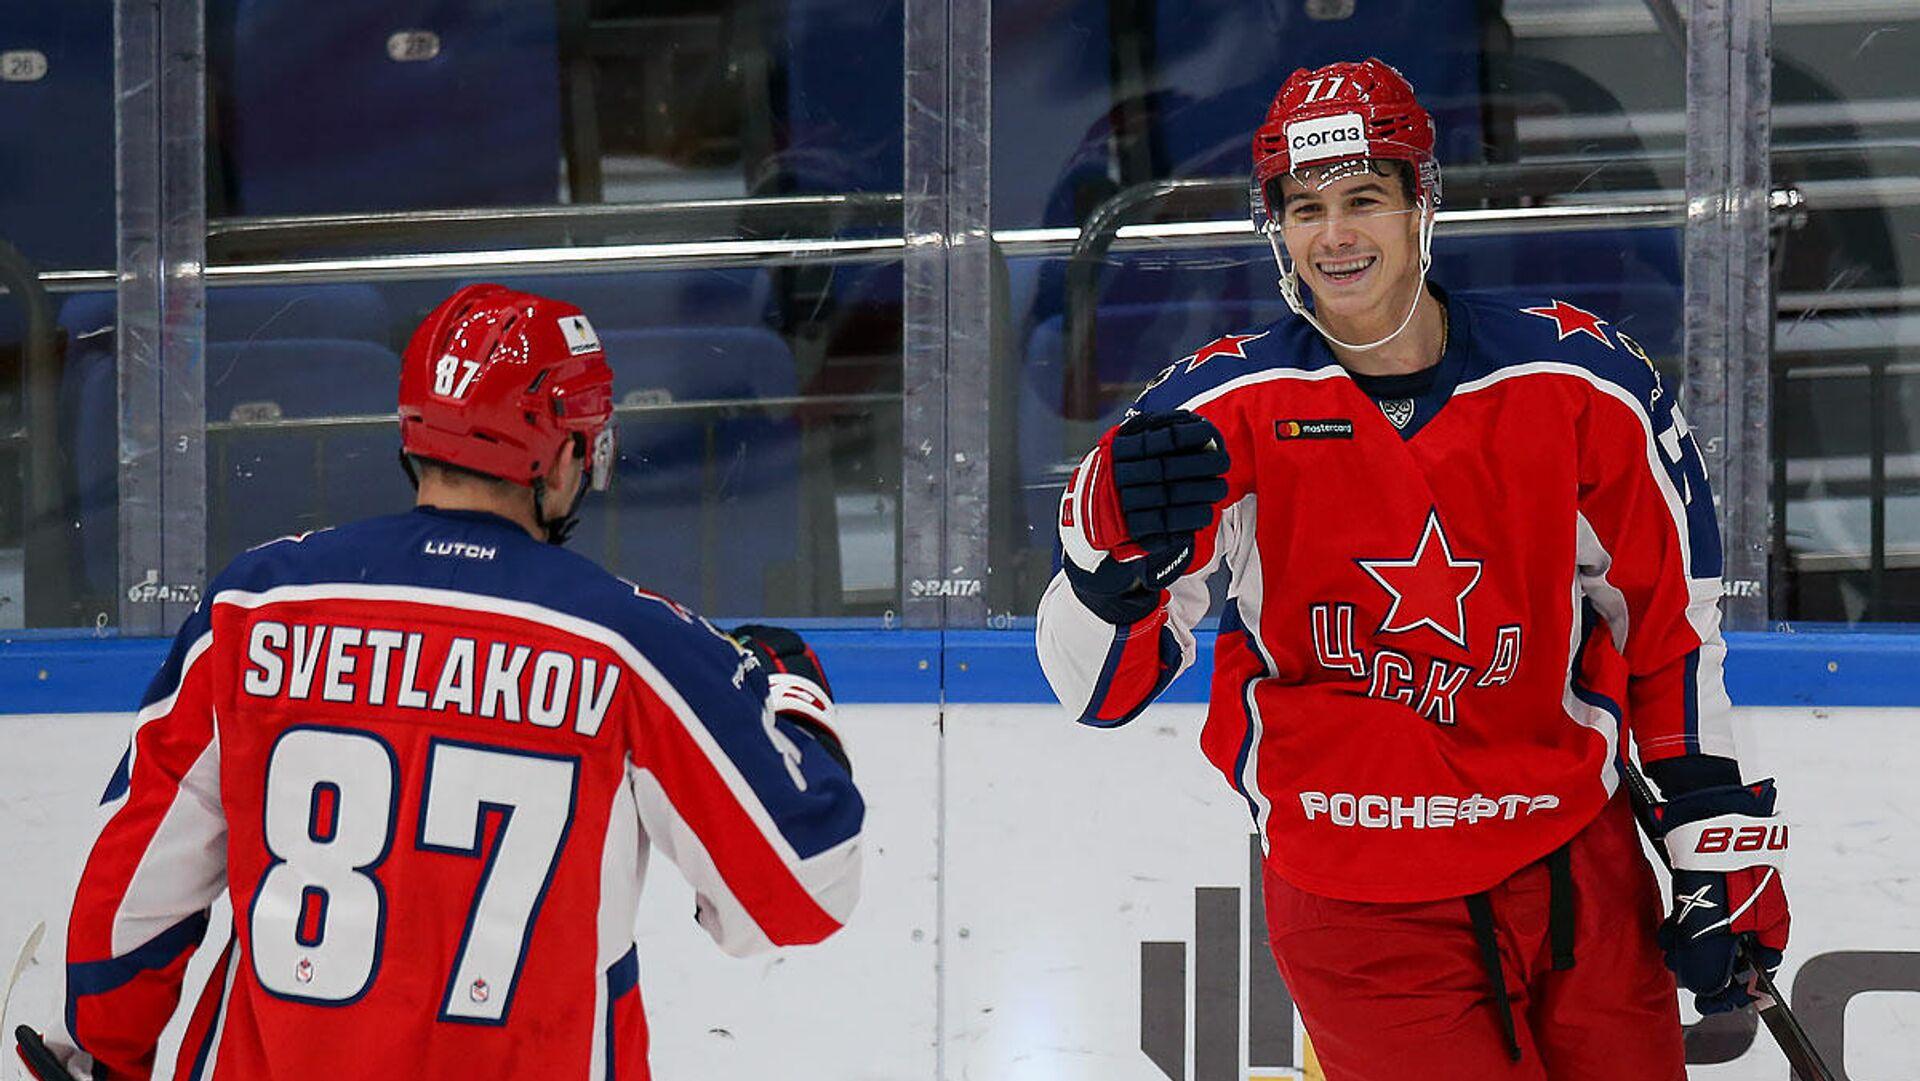 Новости хоккейного клуба цска москва последние ночные клубы москвы веб камера